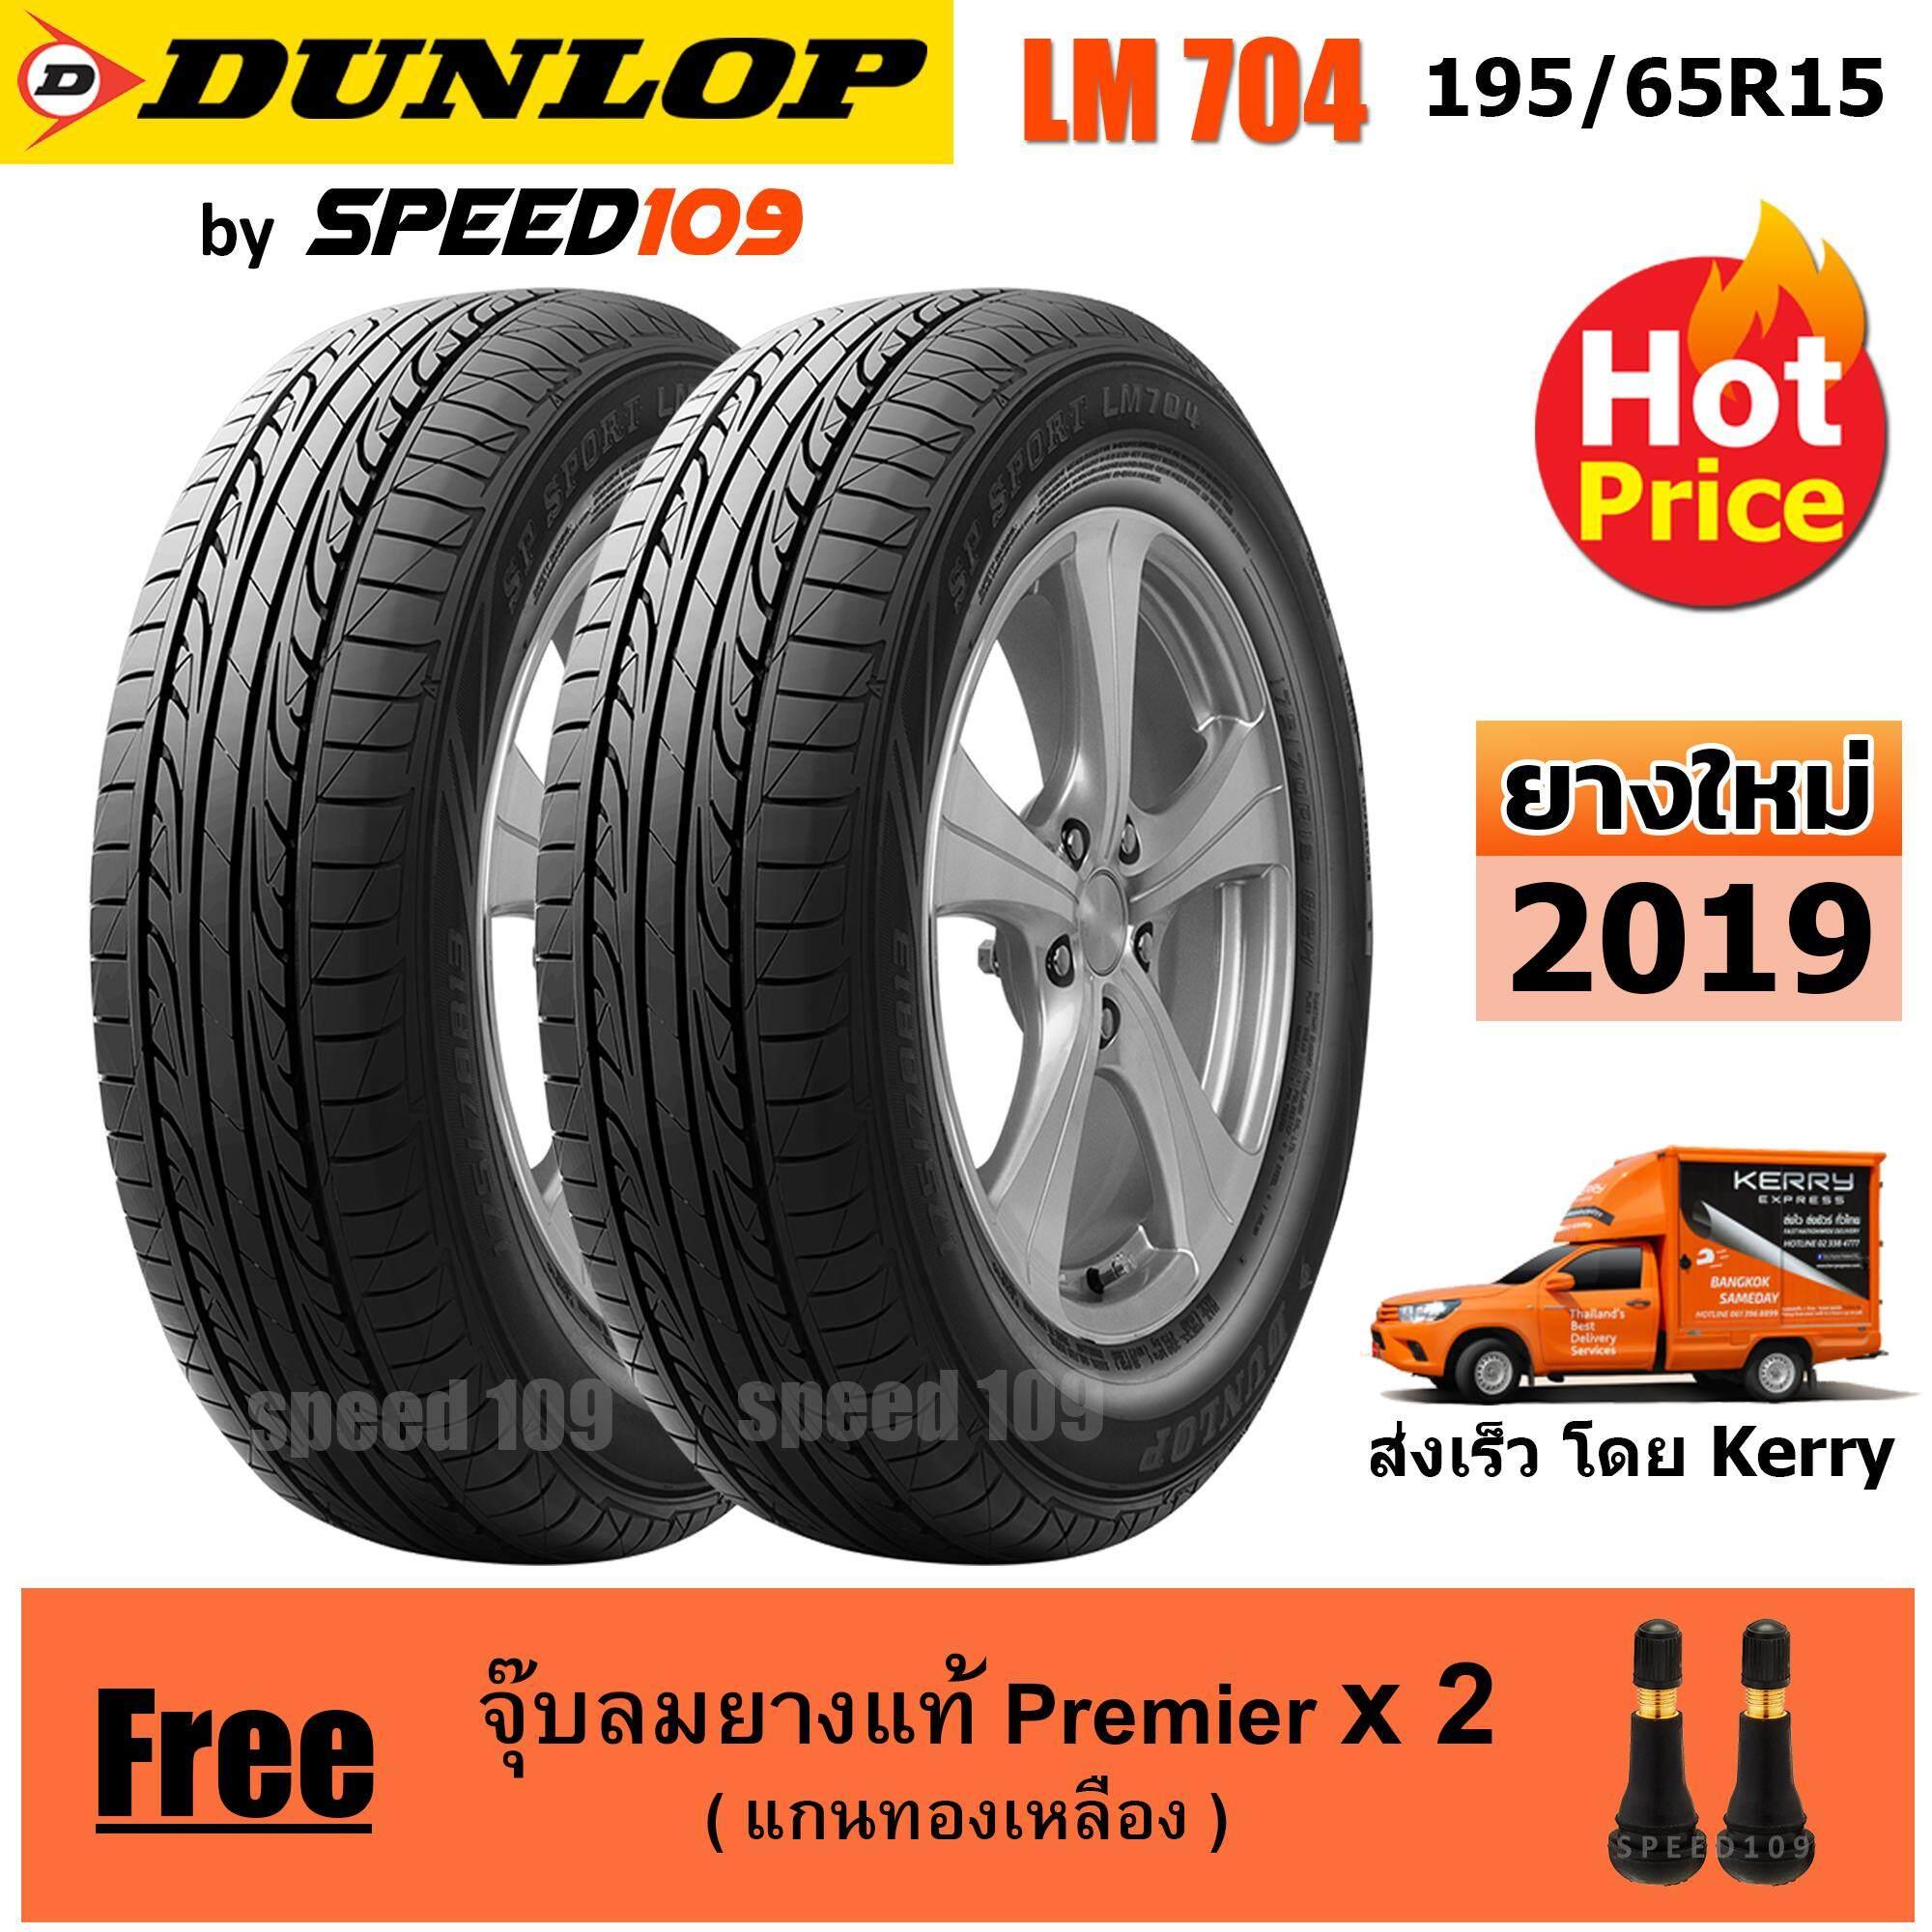 ประกันภัย รถยนต์ 2+ ลำพูน DUNLOP ยางรถยนต์ ขอบ 15 ขนาด 195/65R15 รุ่น SP SPORT LM704 - 2 เส้น (ปี 2019)